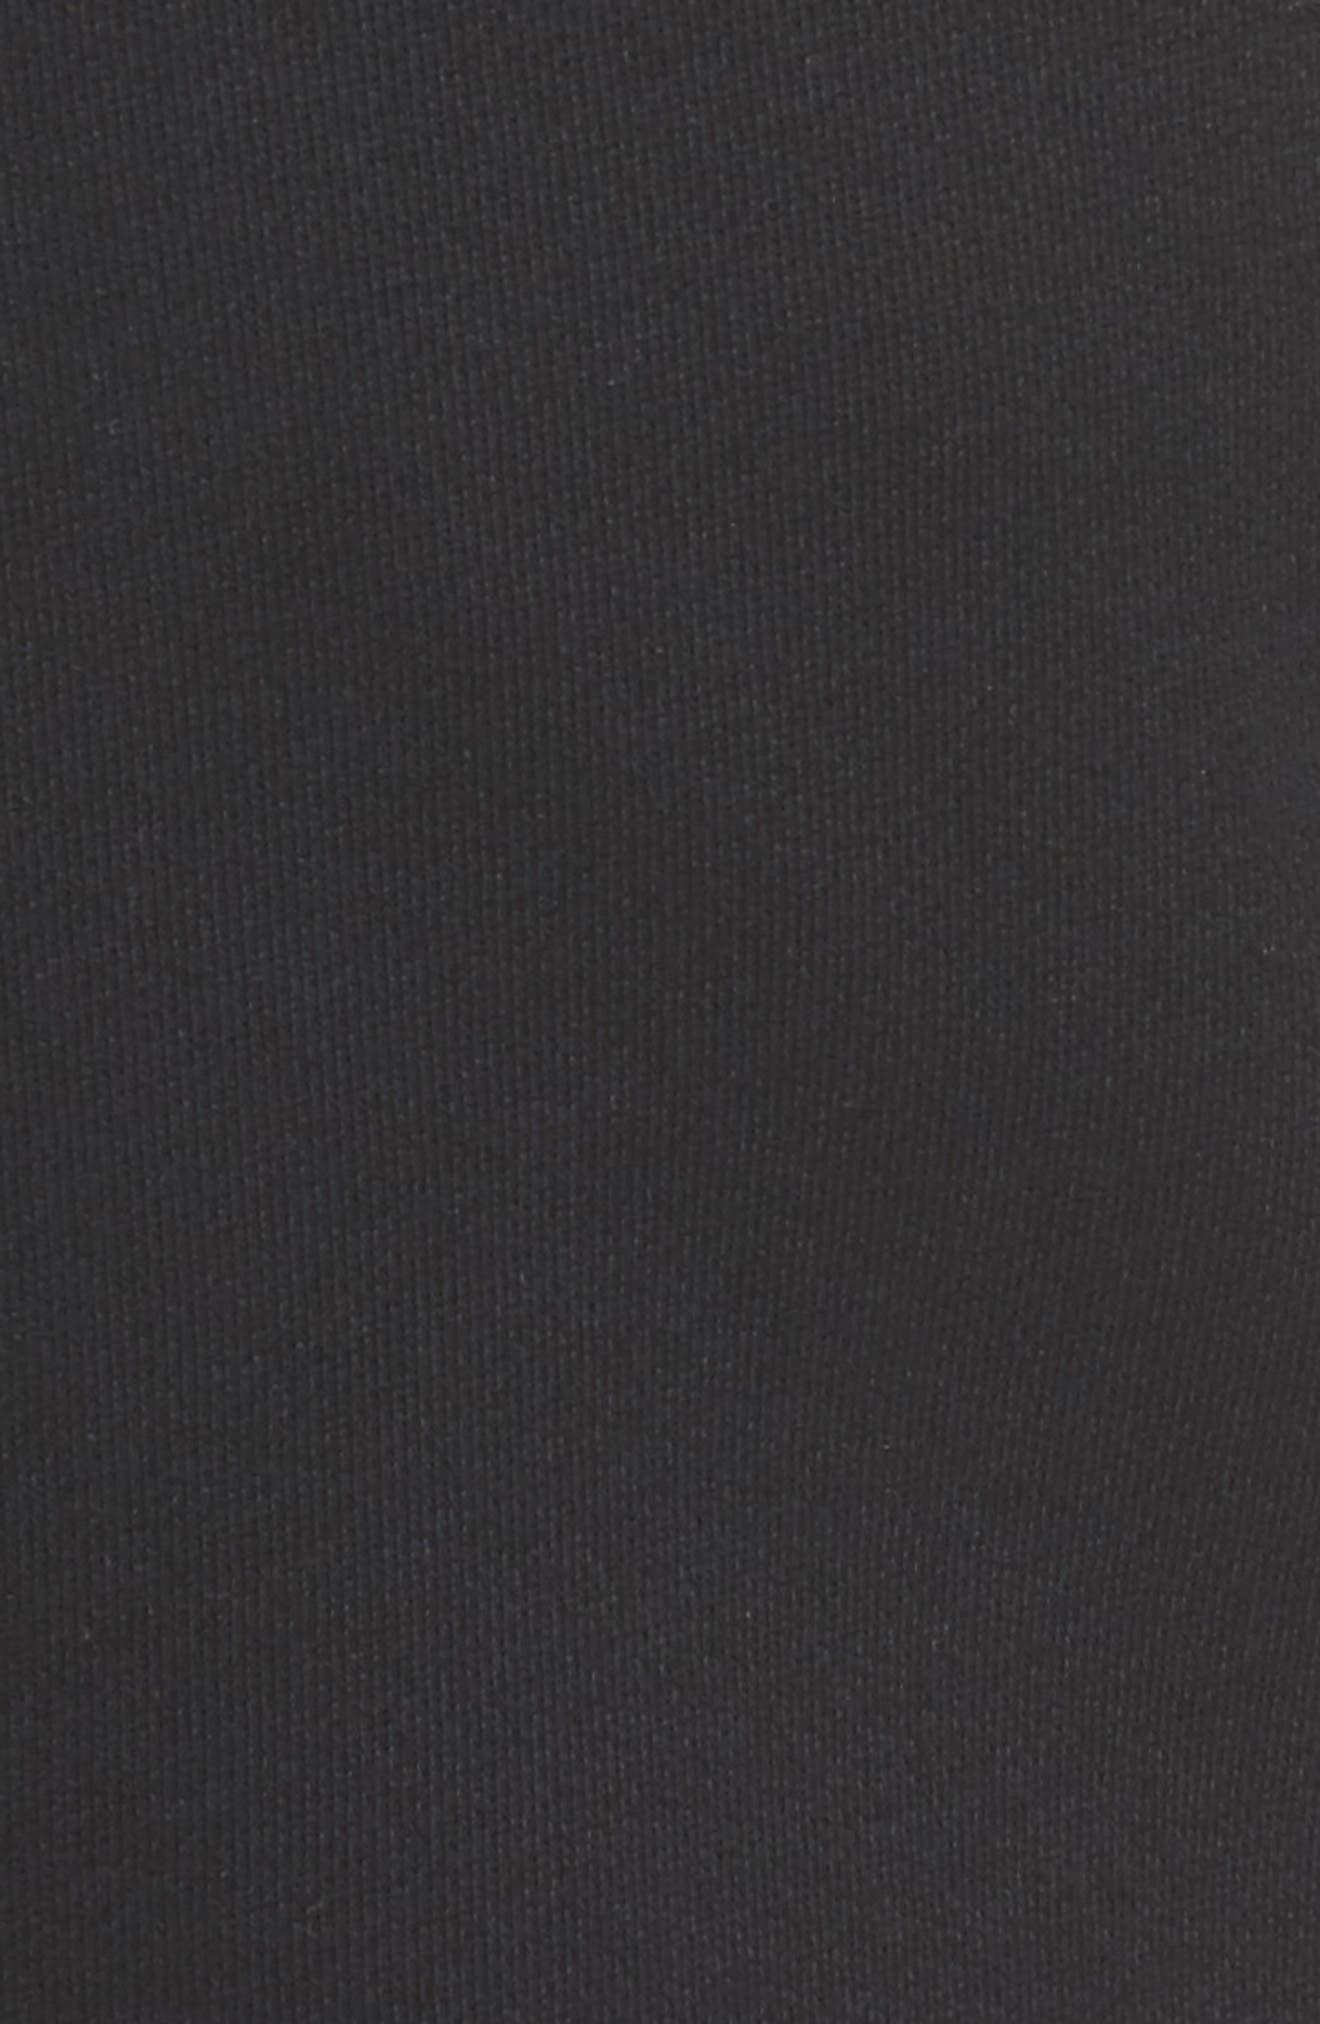 Regular Fit Sweatpants,                             Alternate thumbnail 5, color,                             001